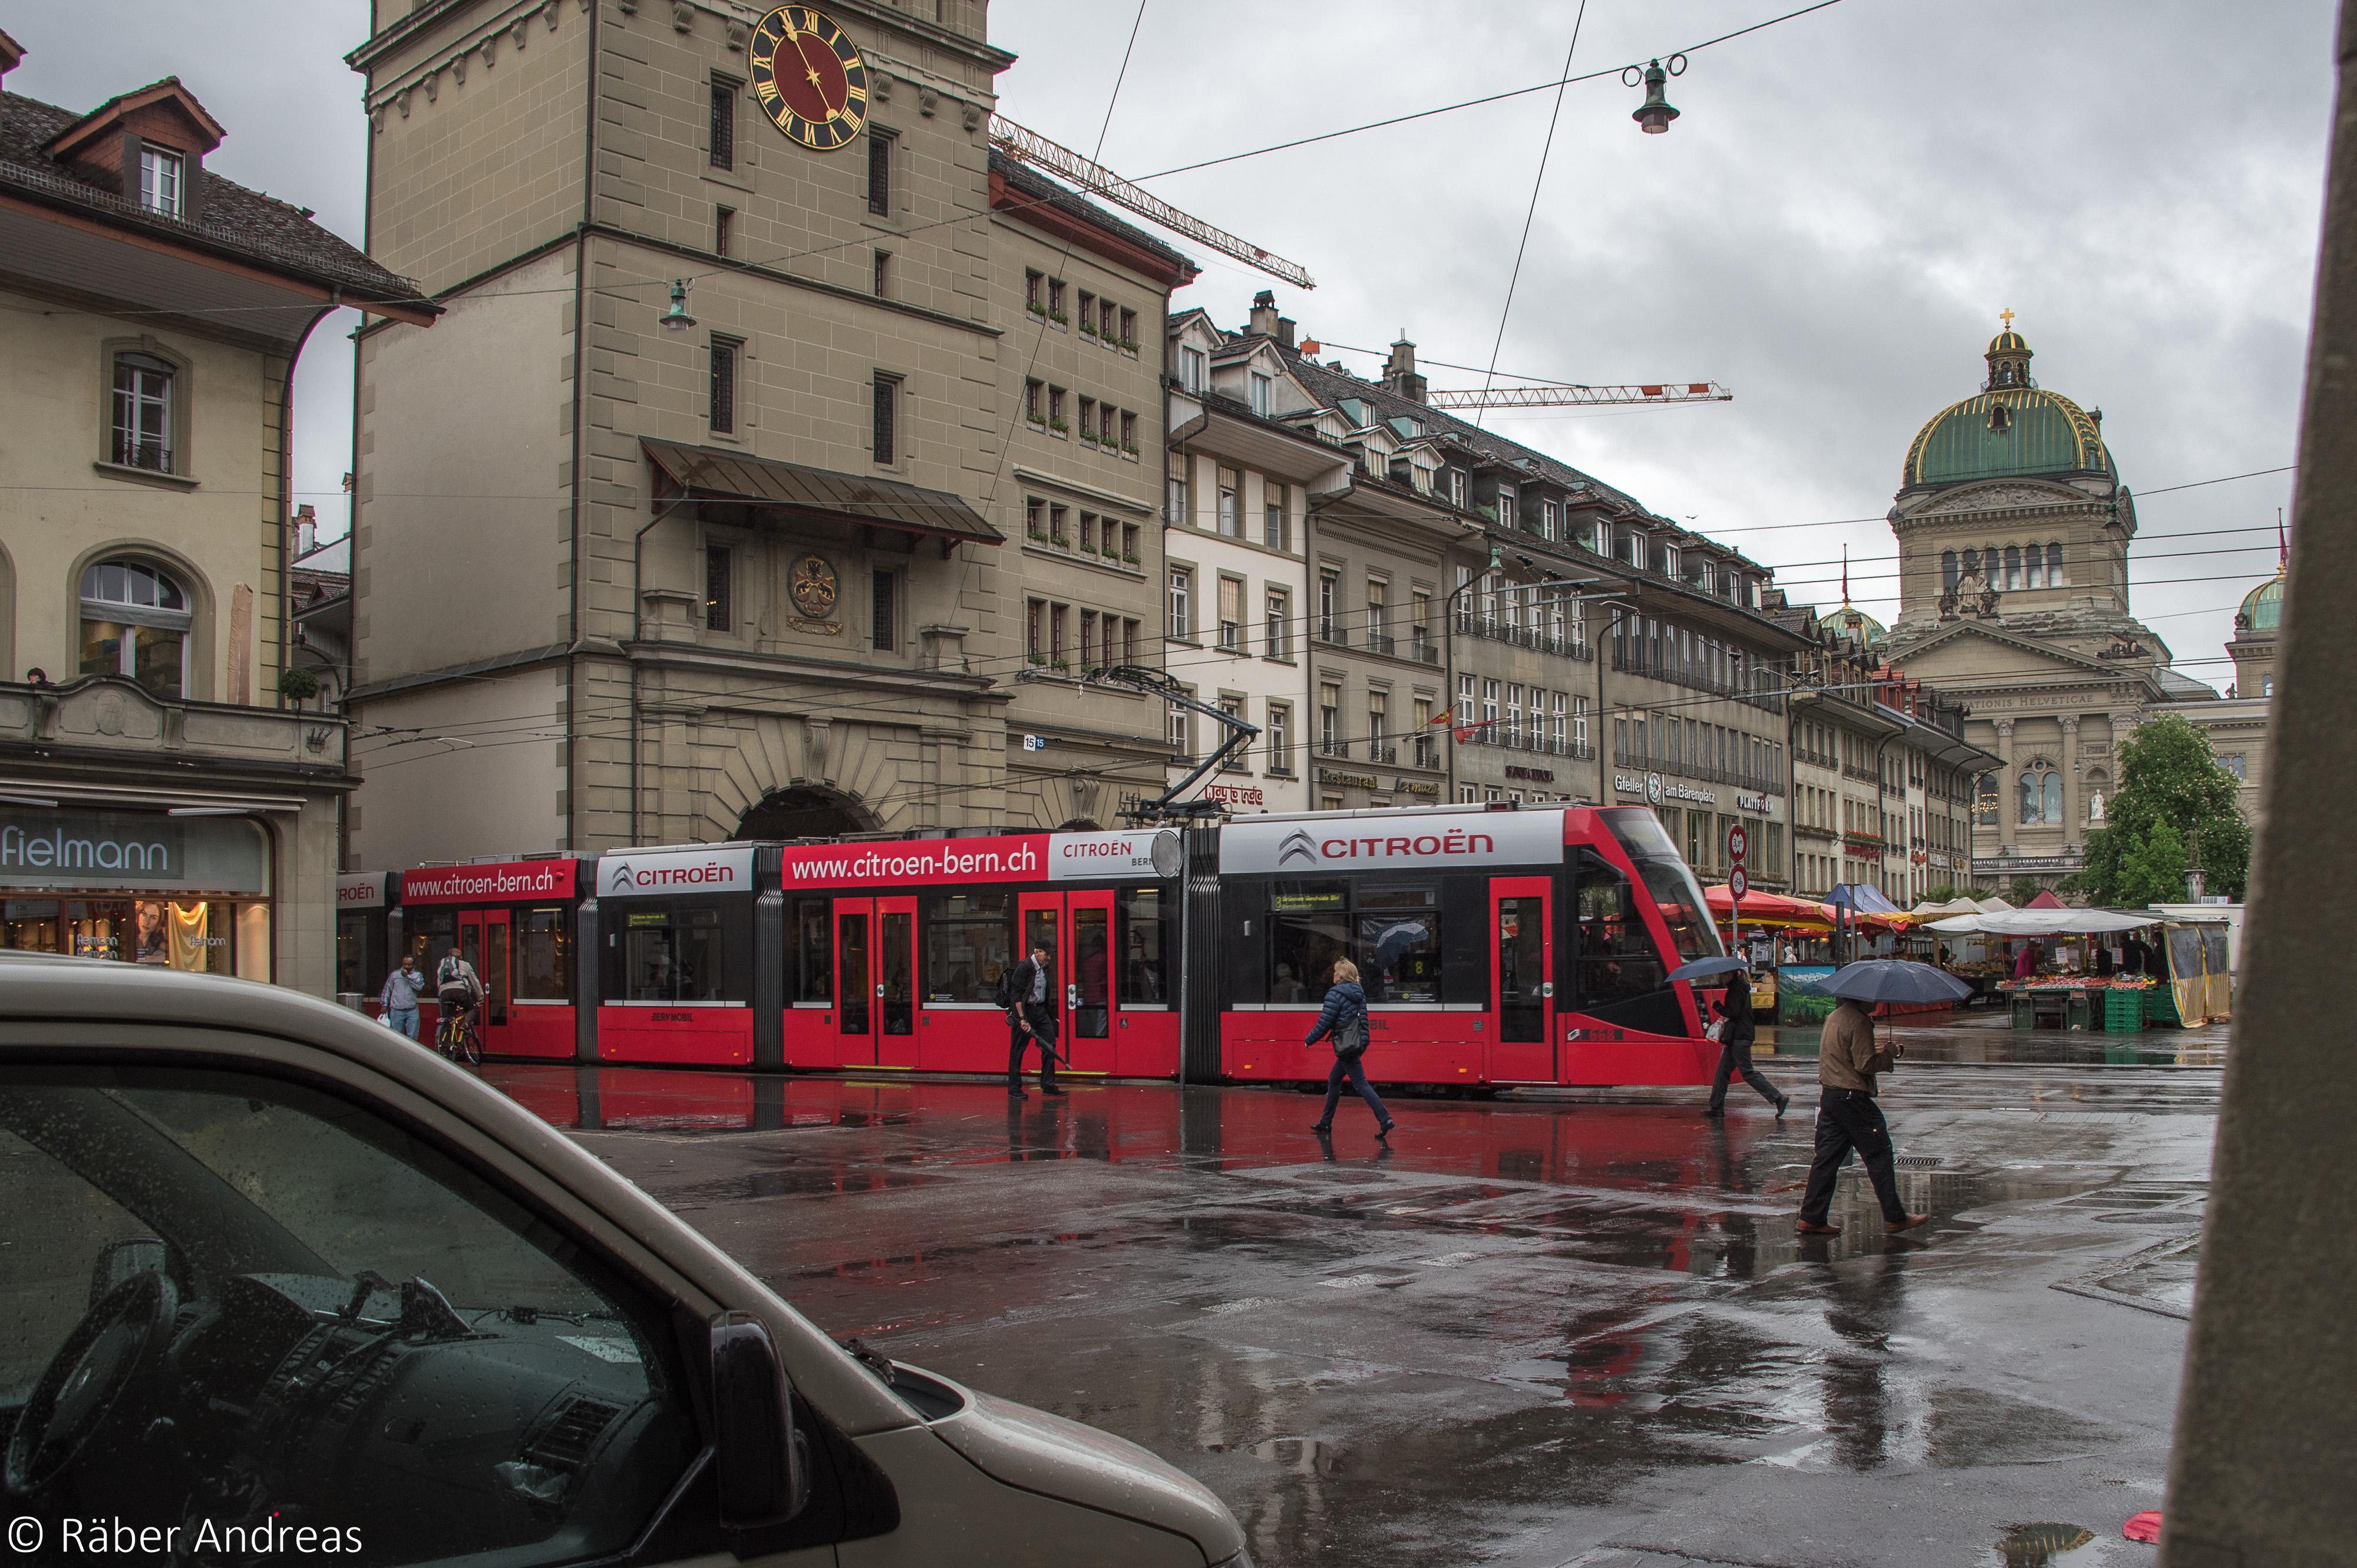 Mobile Werbung auf dem Tram, oder Auto